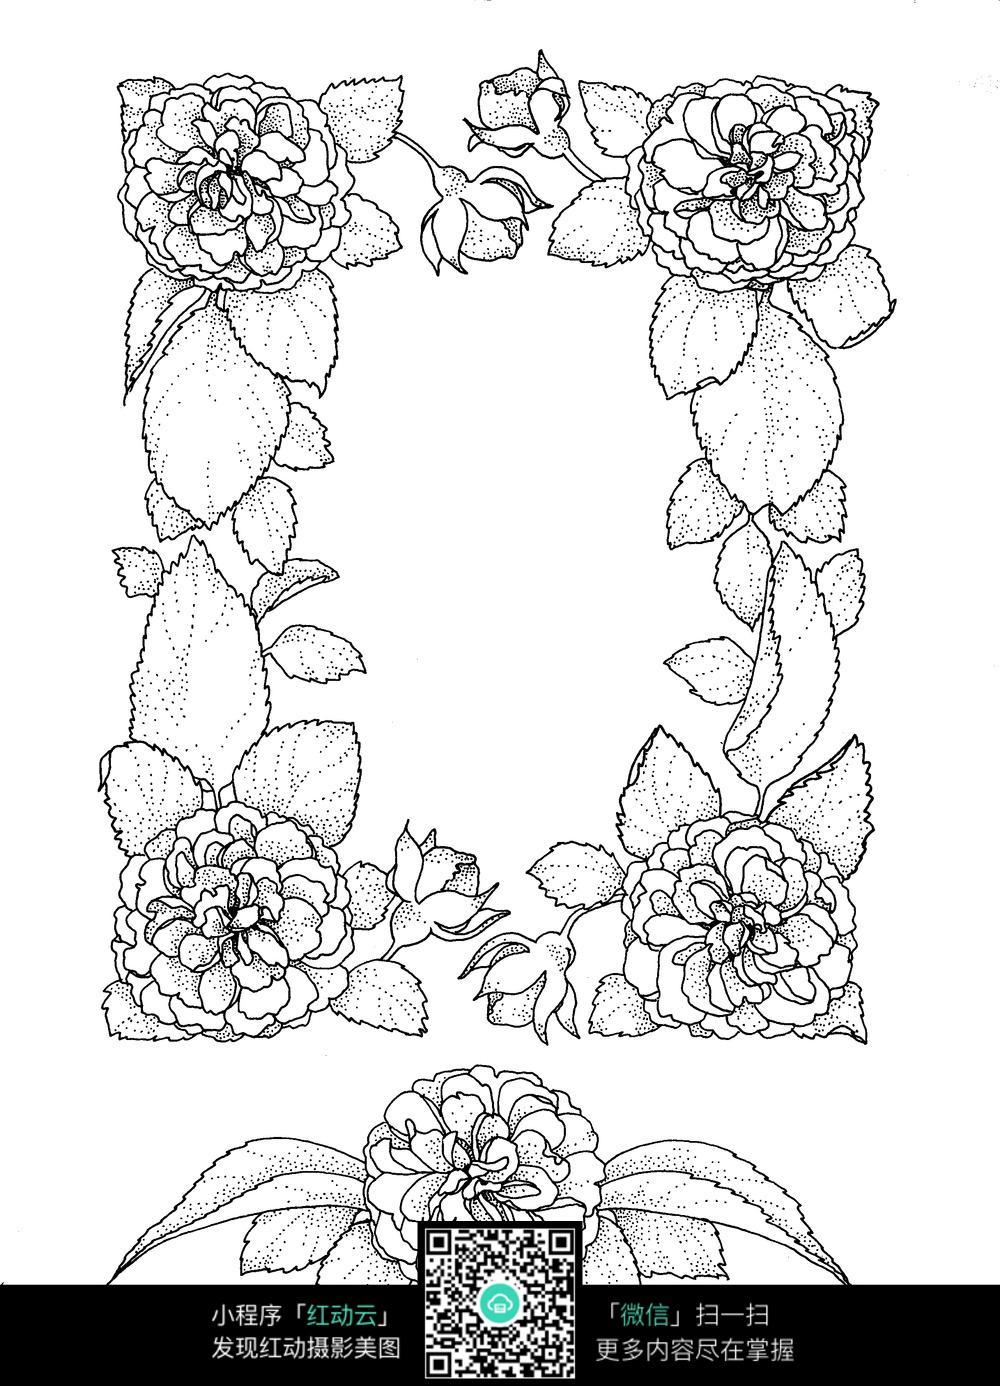 玫瑰花边框图案素材